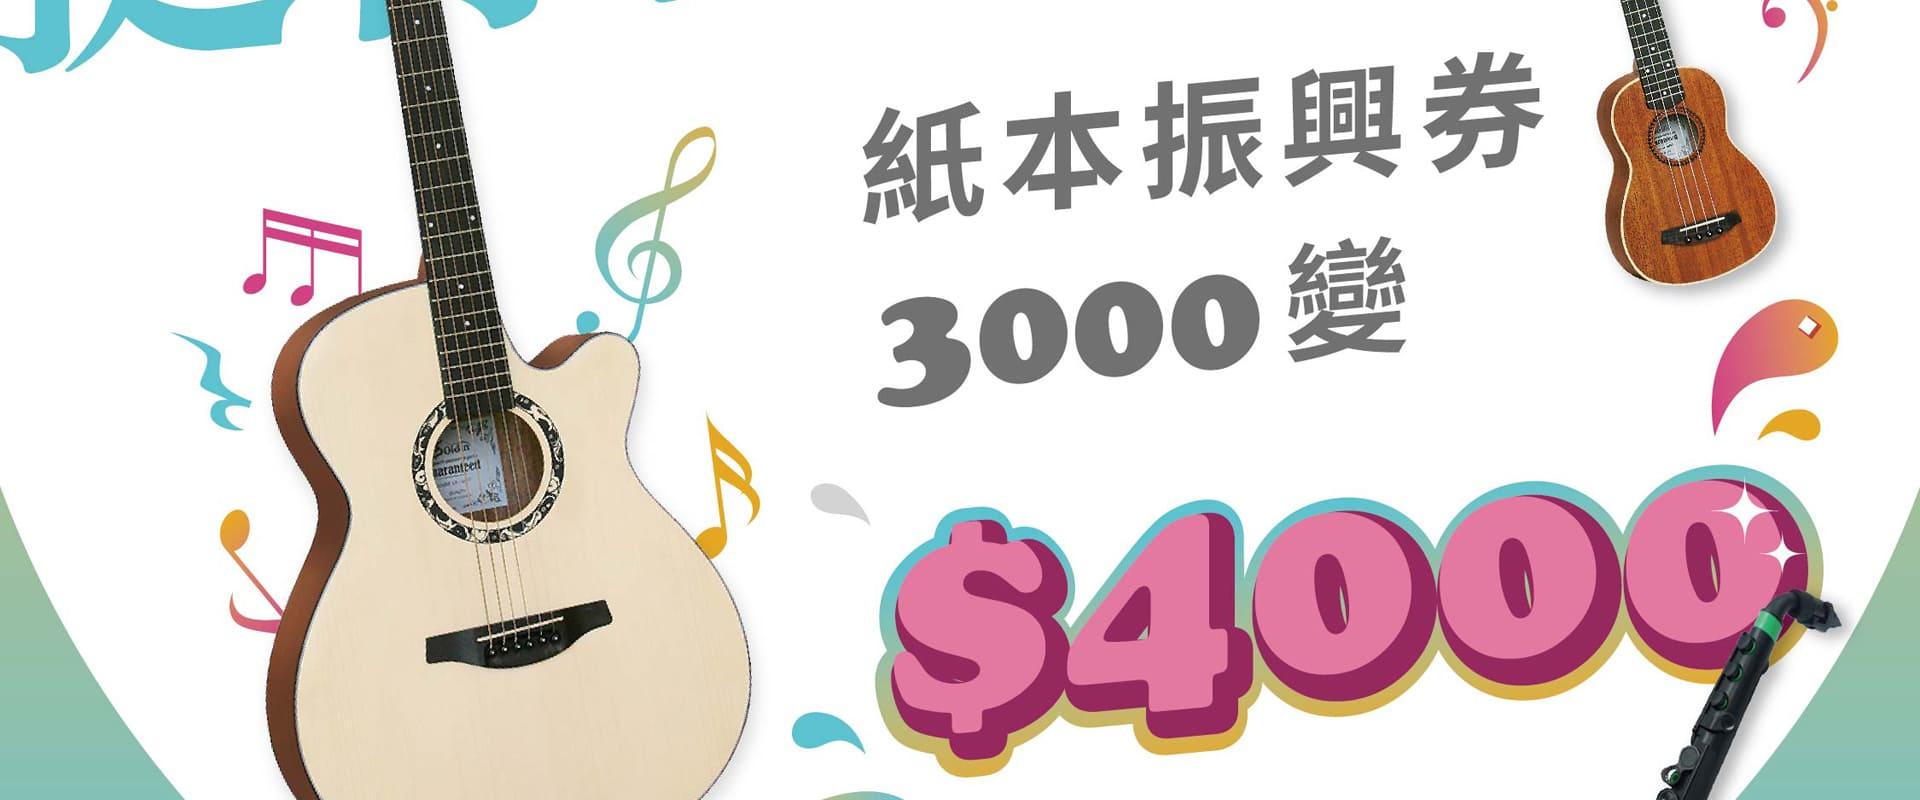 振興神優惠 挺你的音樂夢【振興 三倍券 3000變4000!】 全方位樂器